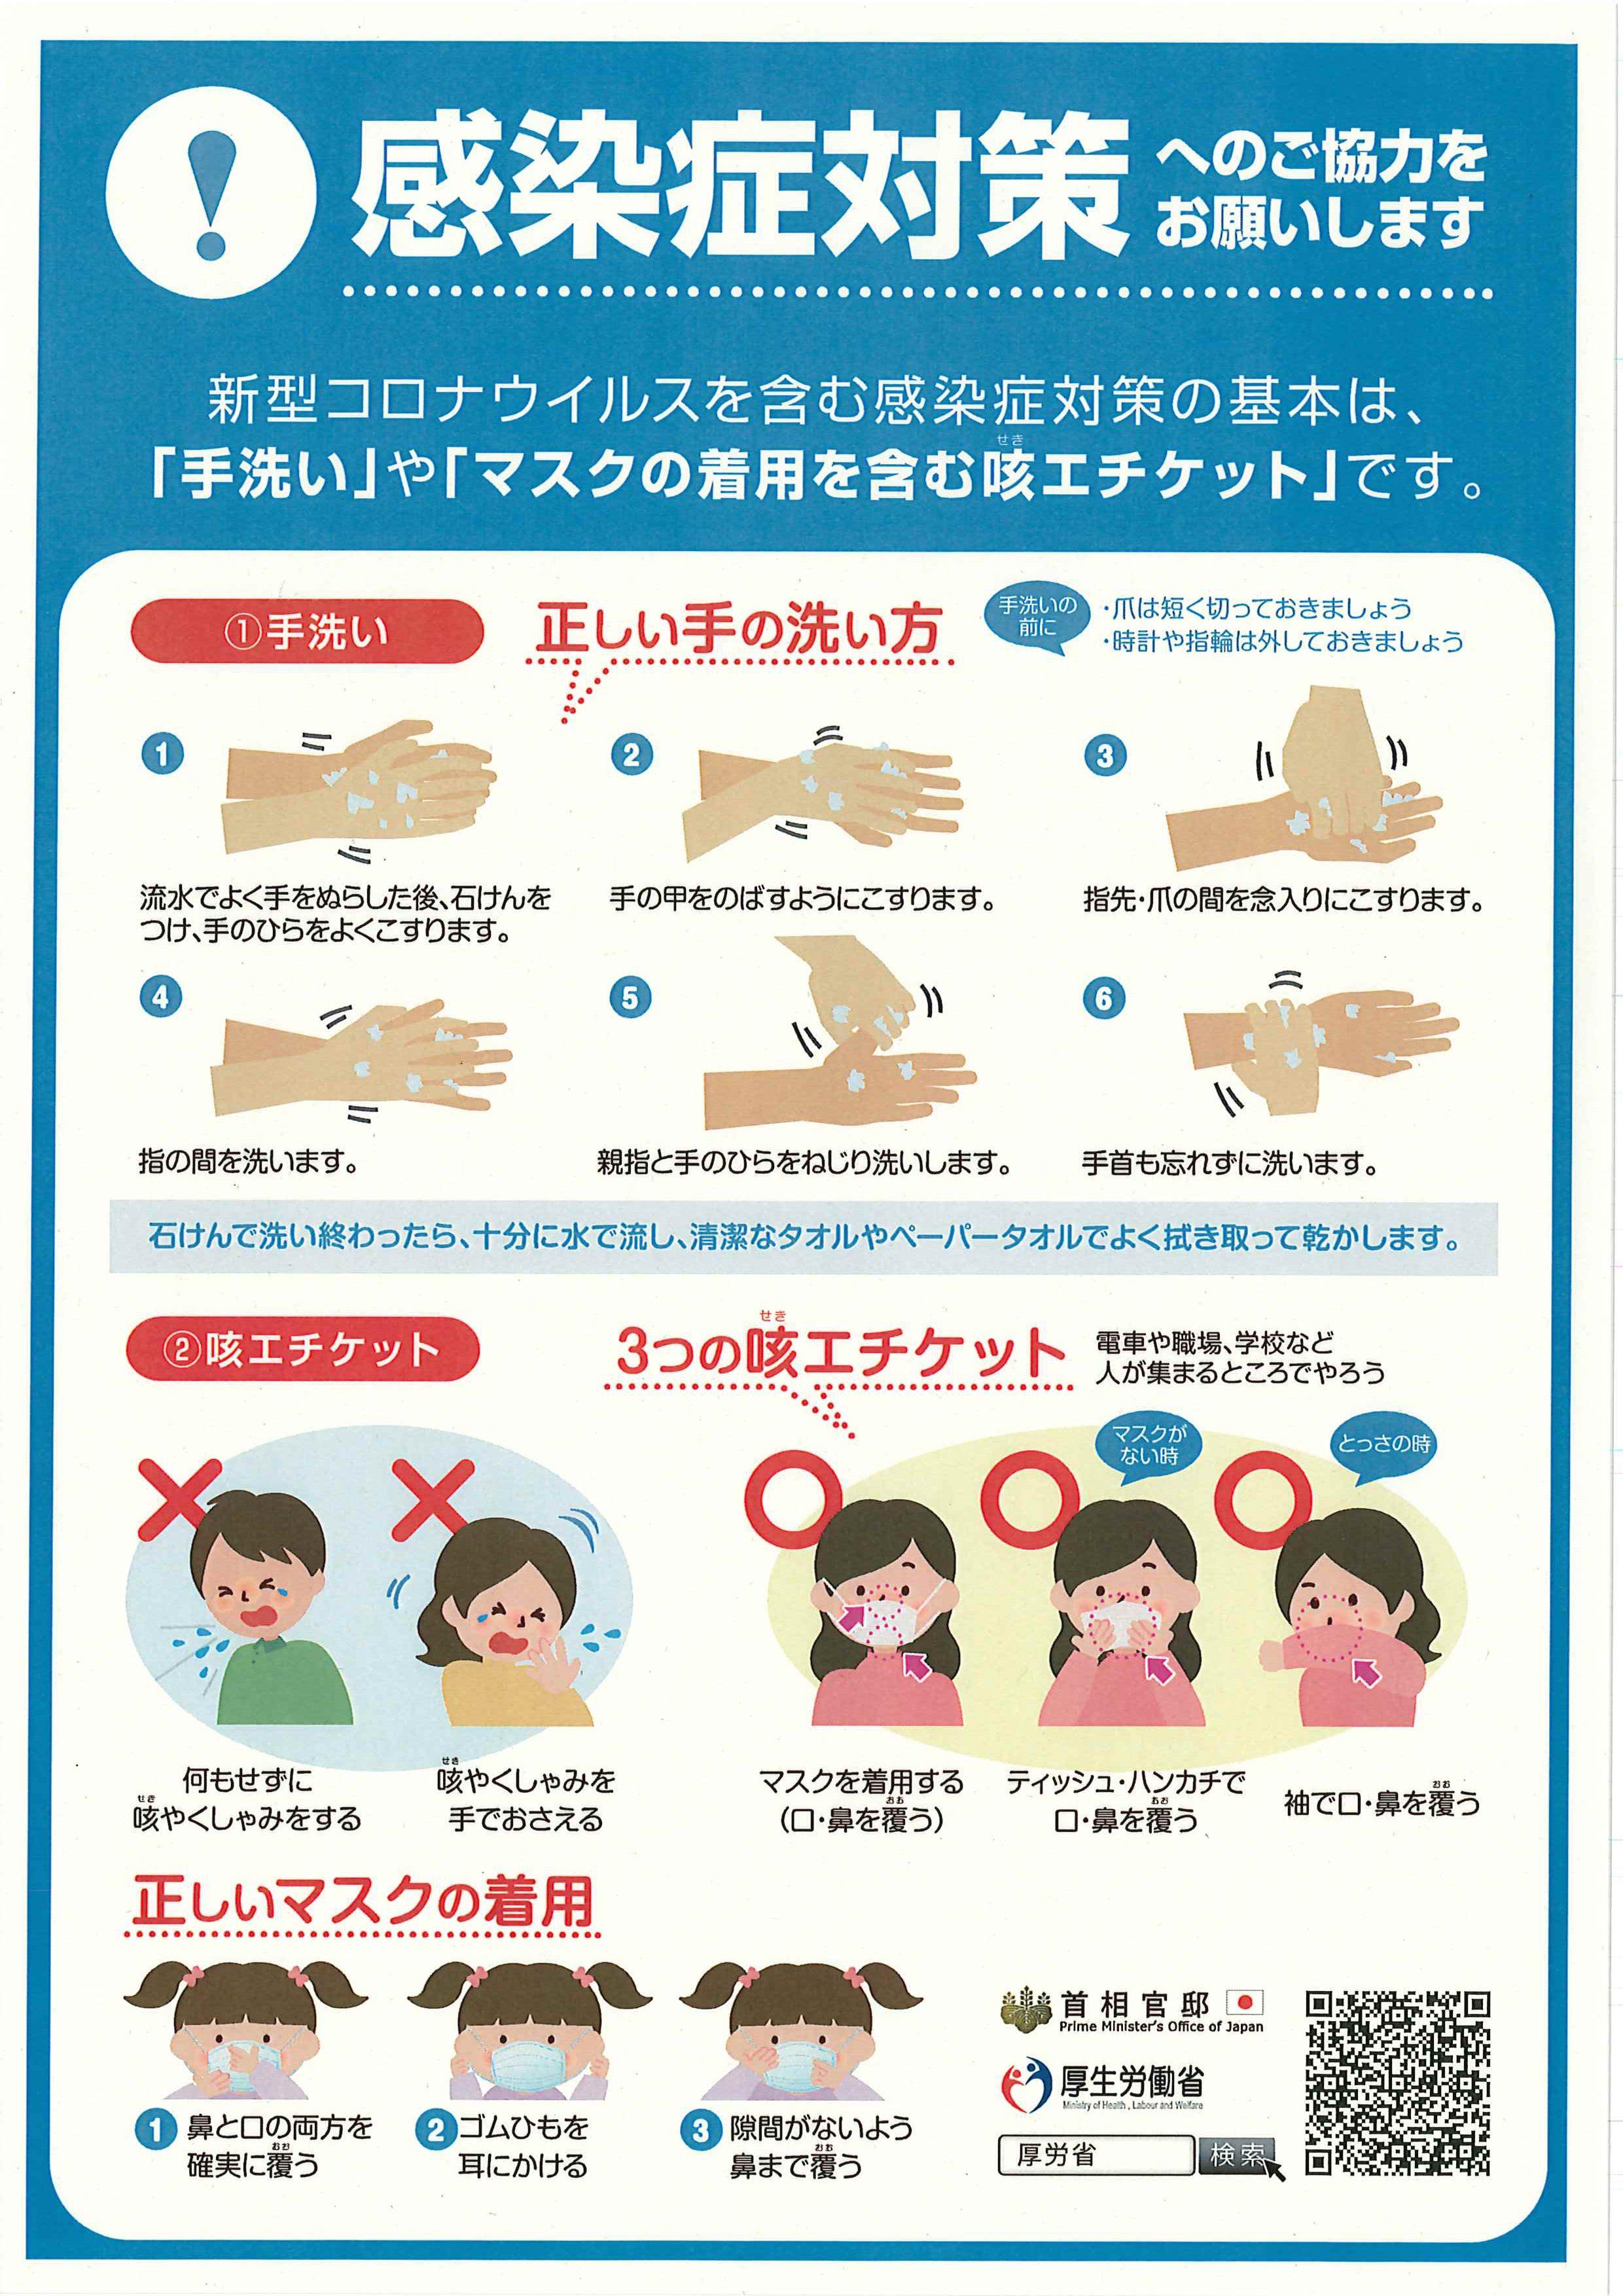 新型コロナウイルス感染症の対応について